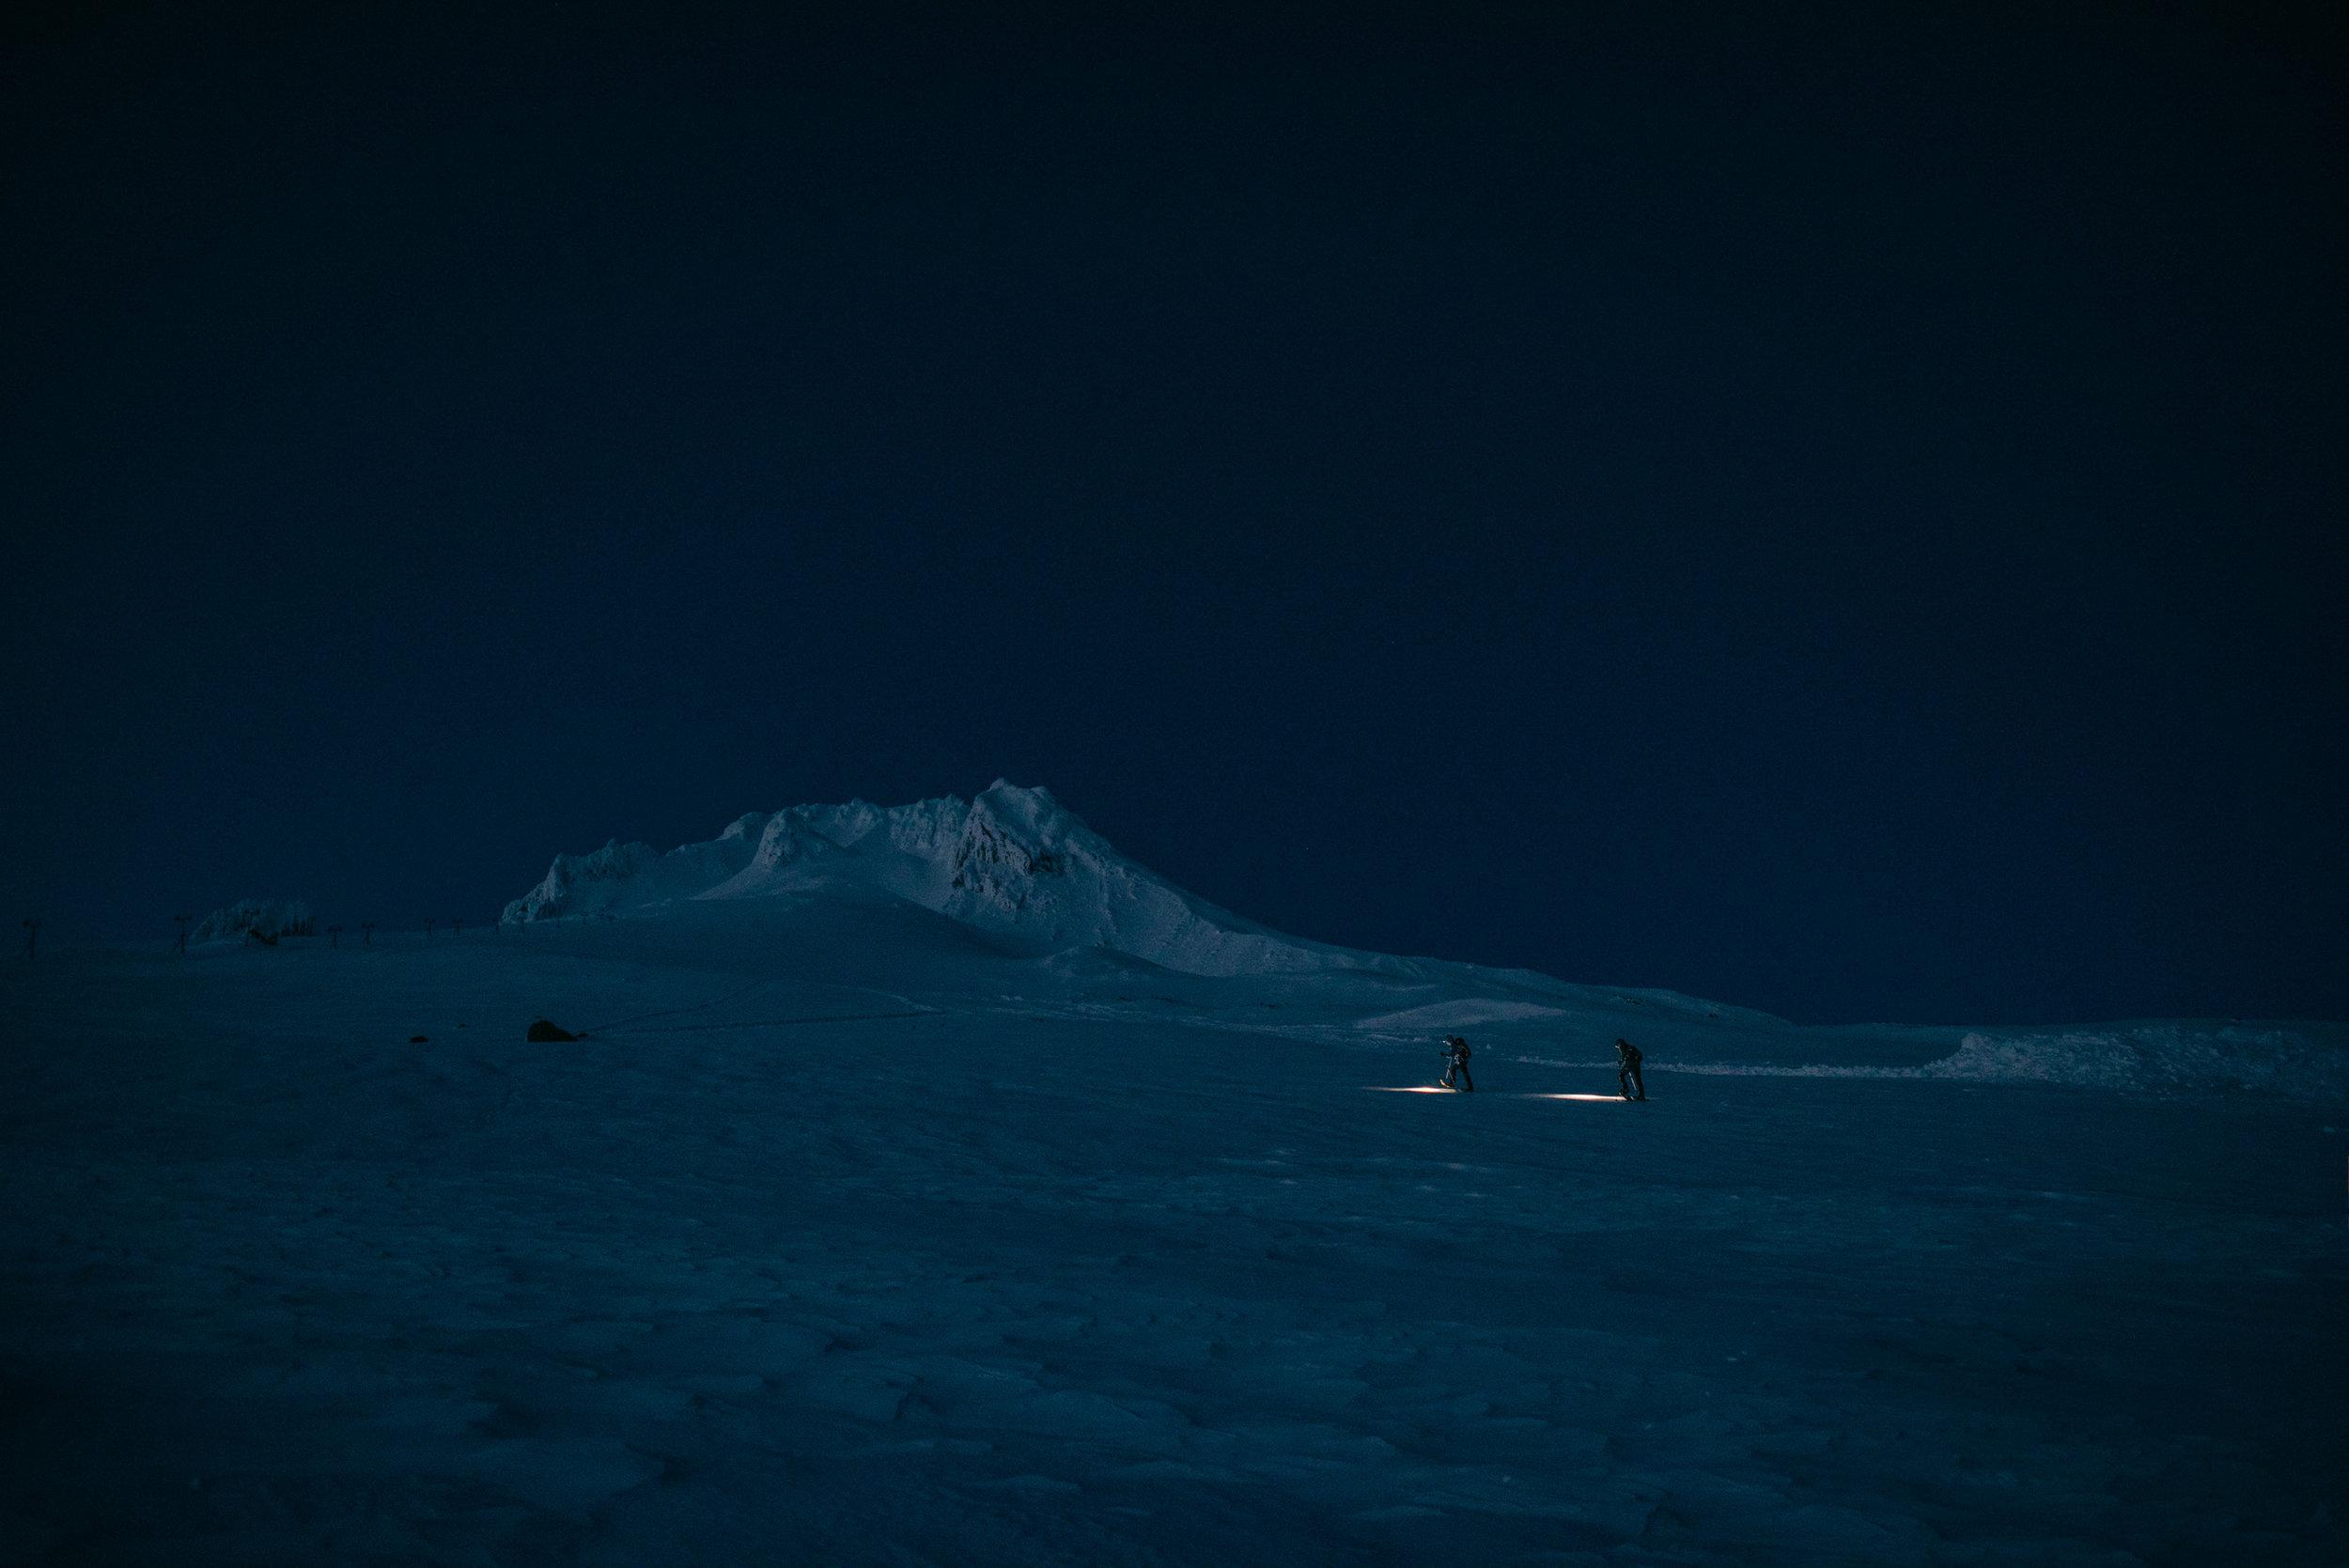 COLUMBIA SPORTSWEAR - X @TIMKEMPLE, MOUNT HOOD, OR